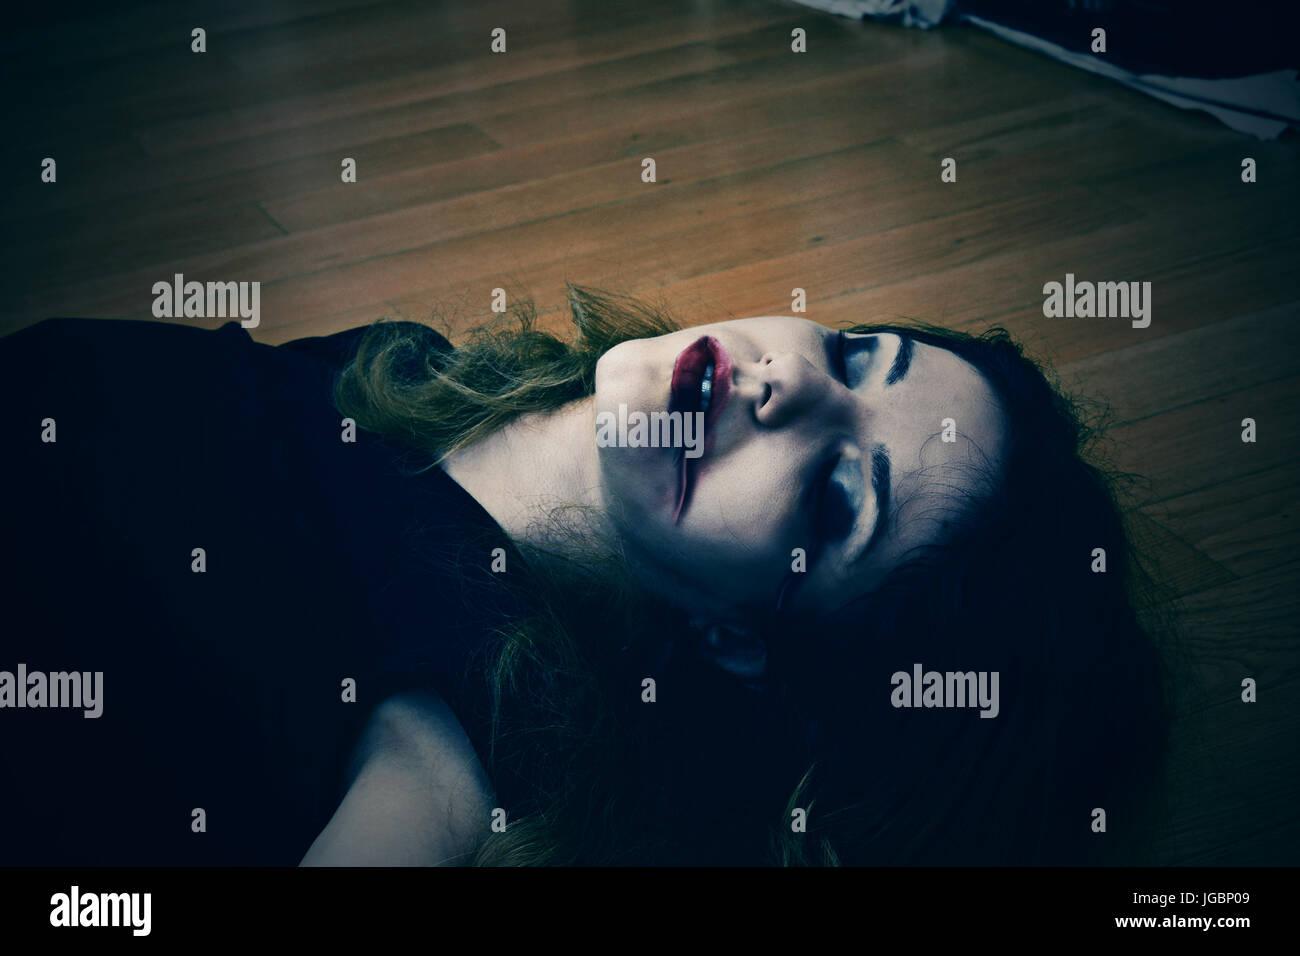 Chica muerta en el suelo con la sangre de su boca y nariz Imagen De Stock